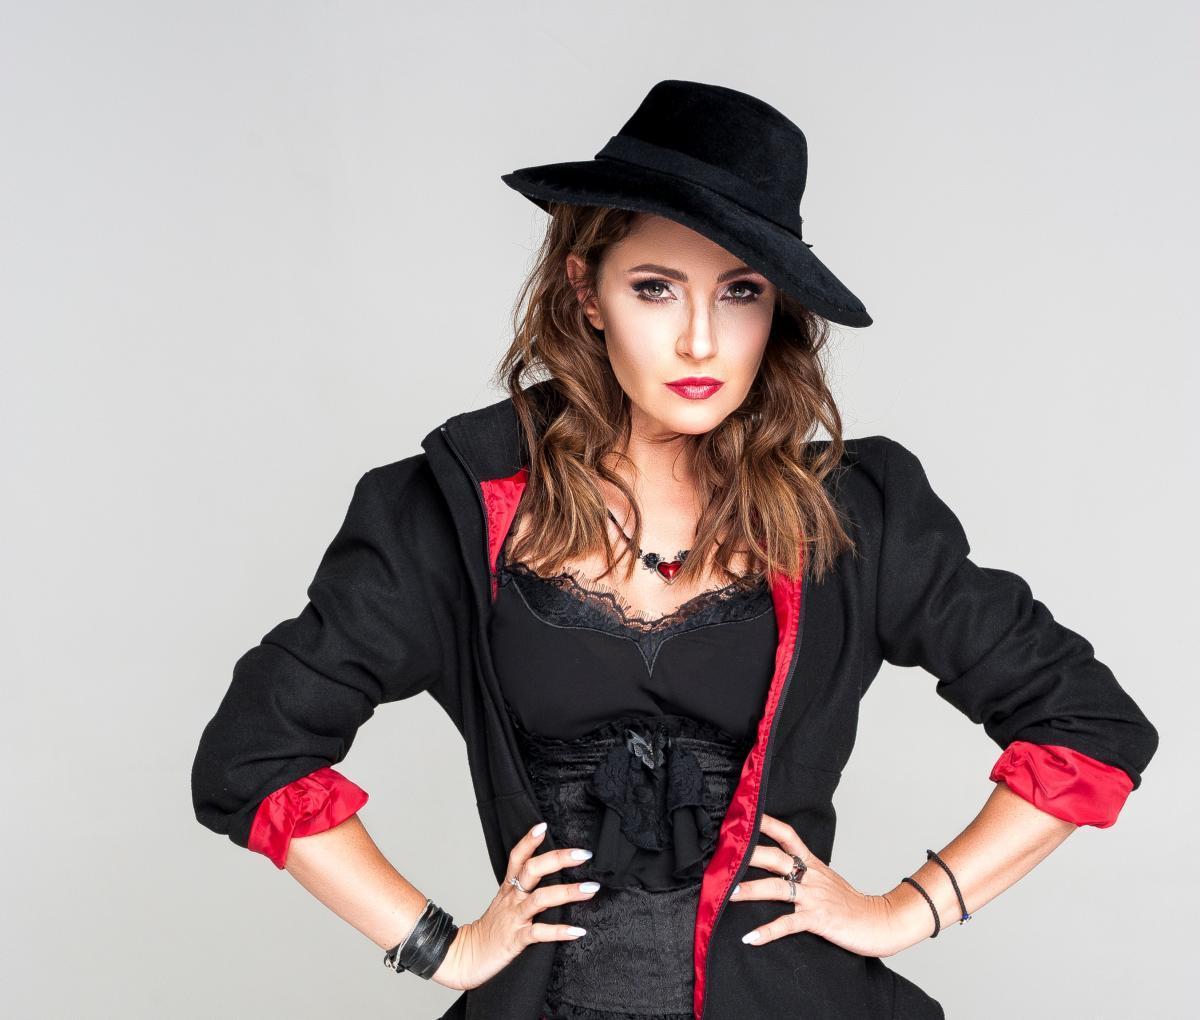 Анастасия Макеева: «Я никогда не попадусь на удочку Дон Жуана!»